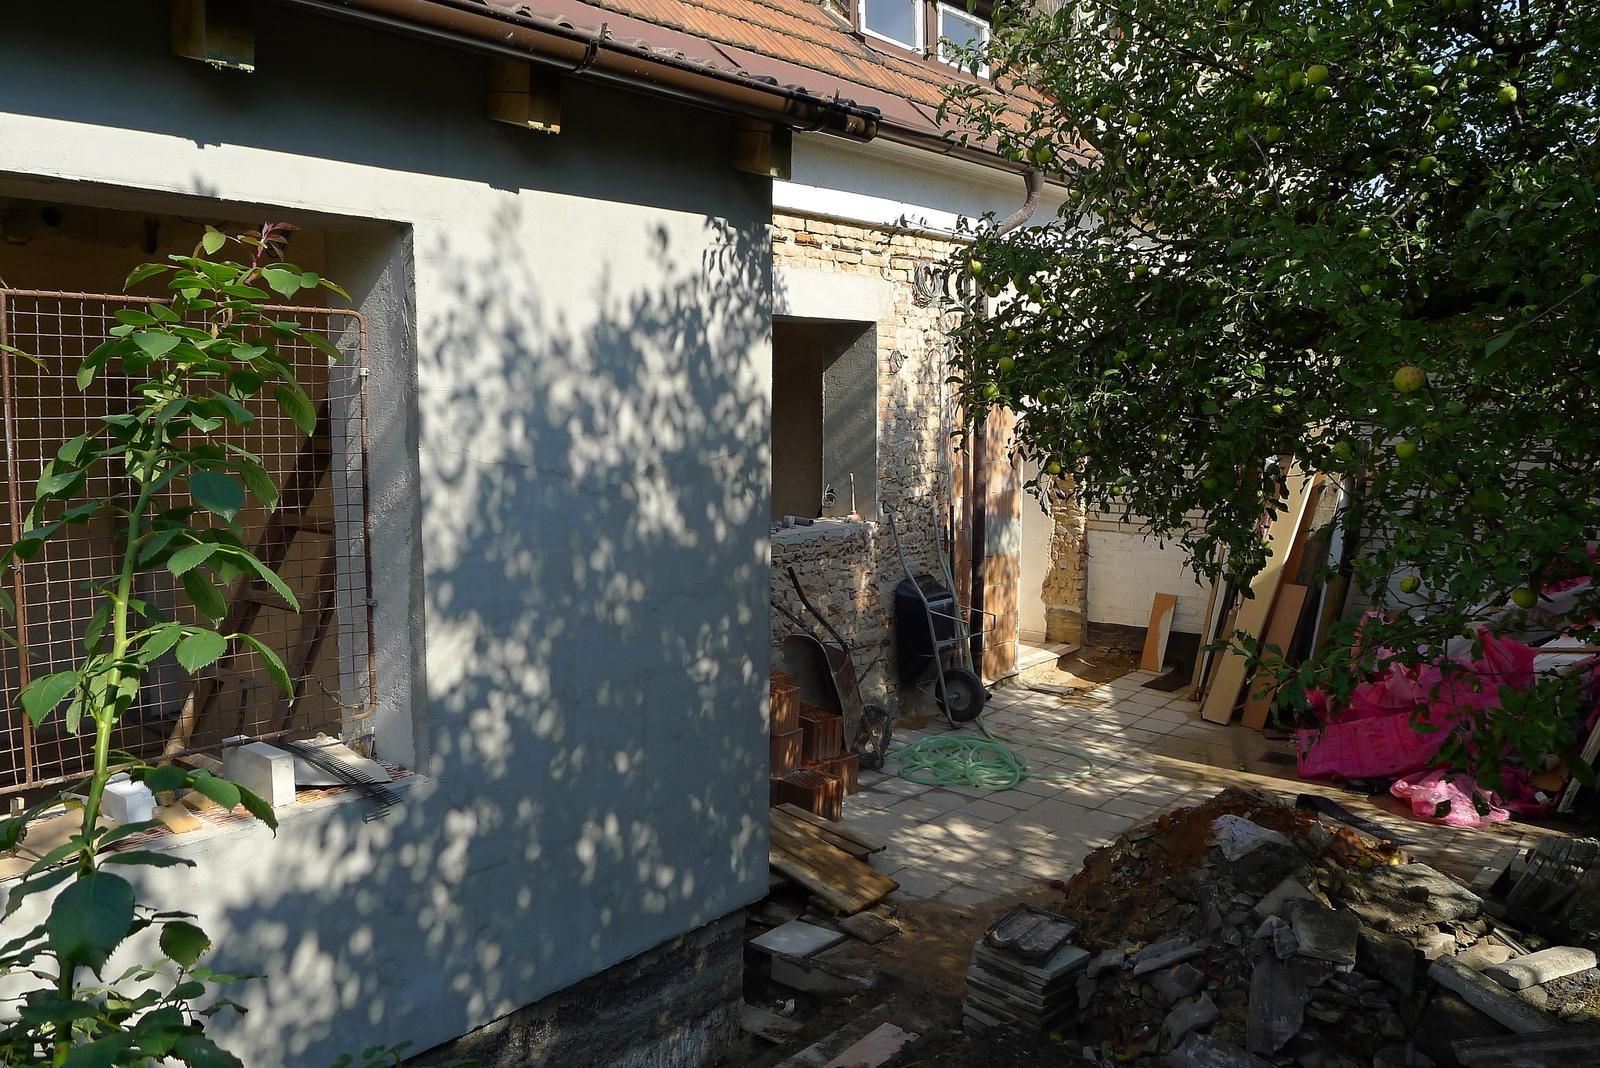 Rekonstrukce našeho domečku - a dvoreček se postupně plní vším možným...a protože máme řadovku, vše se pěkně musí provézt chodbou na druhou stranu :O(